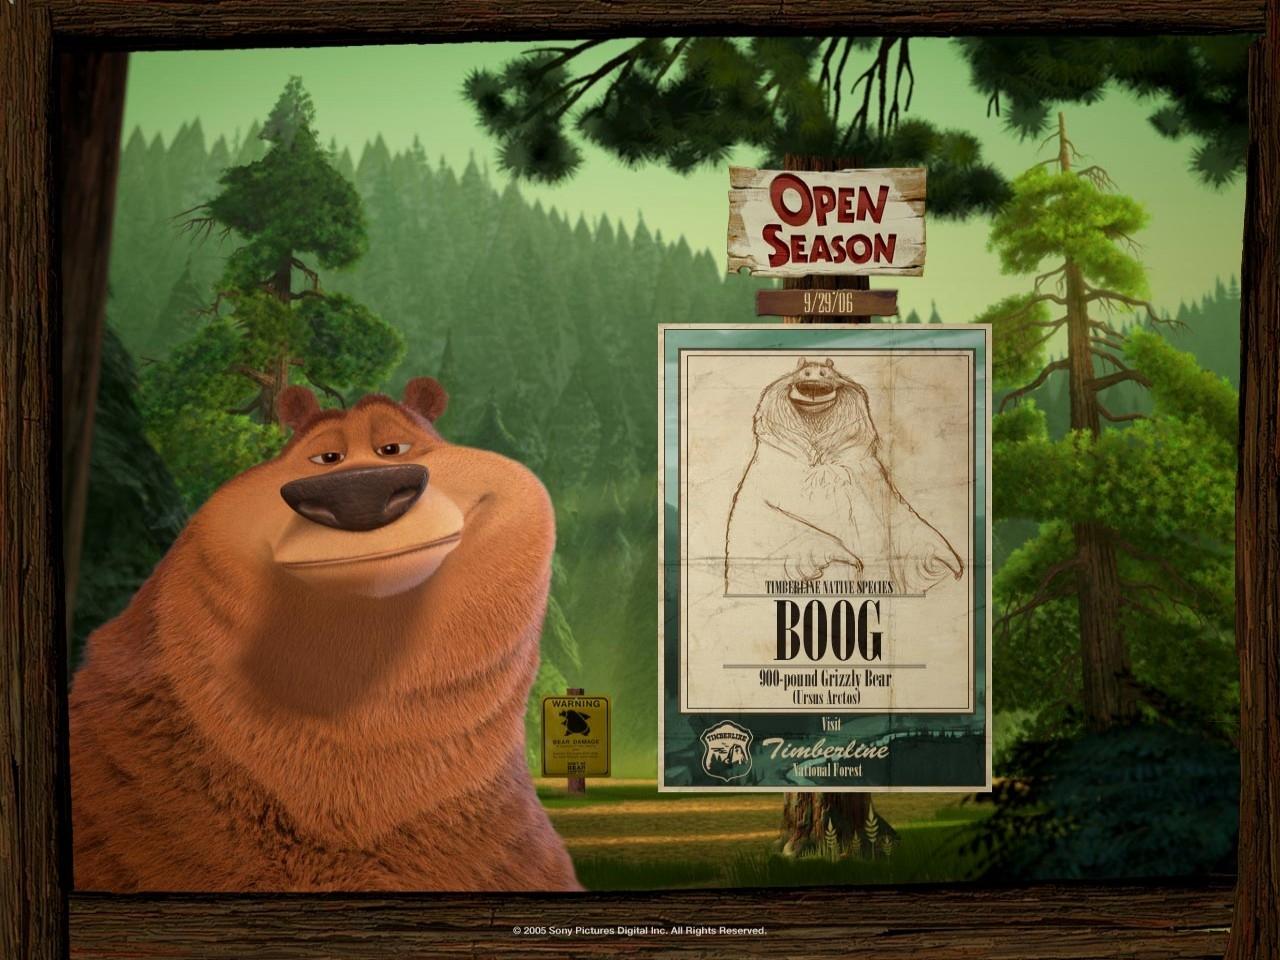 Wallpaper del film Boog e Elliot a caccia di amici